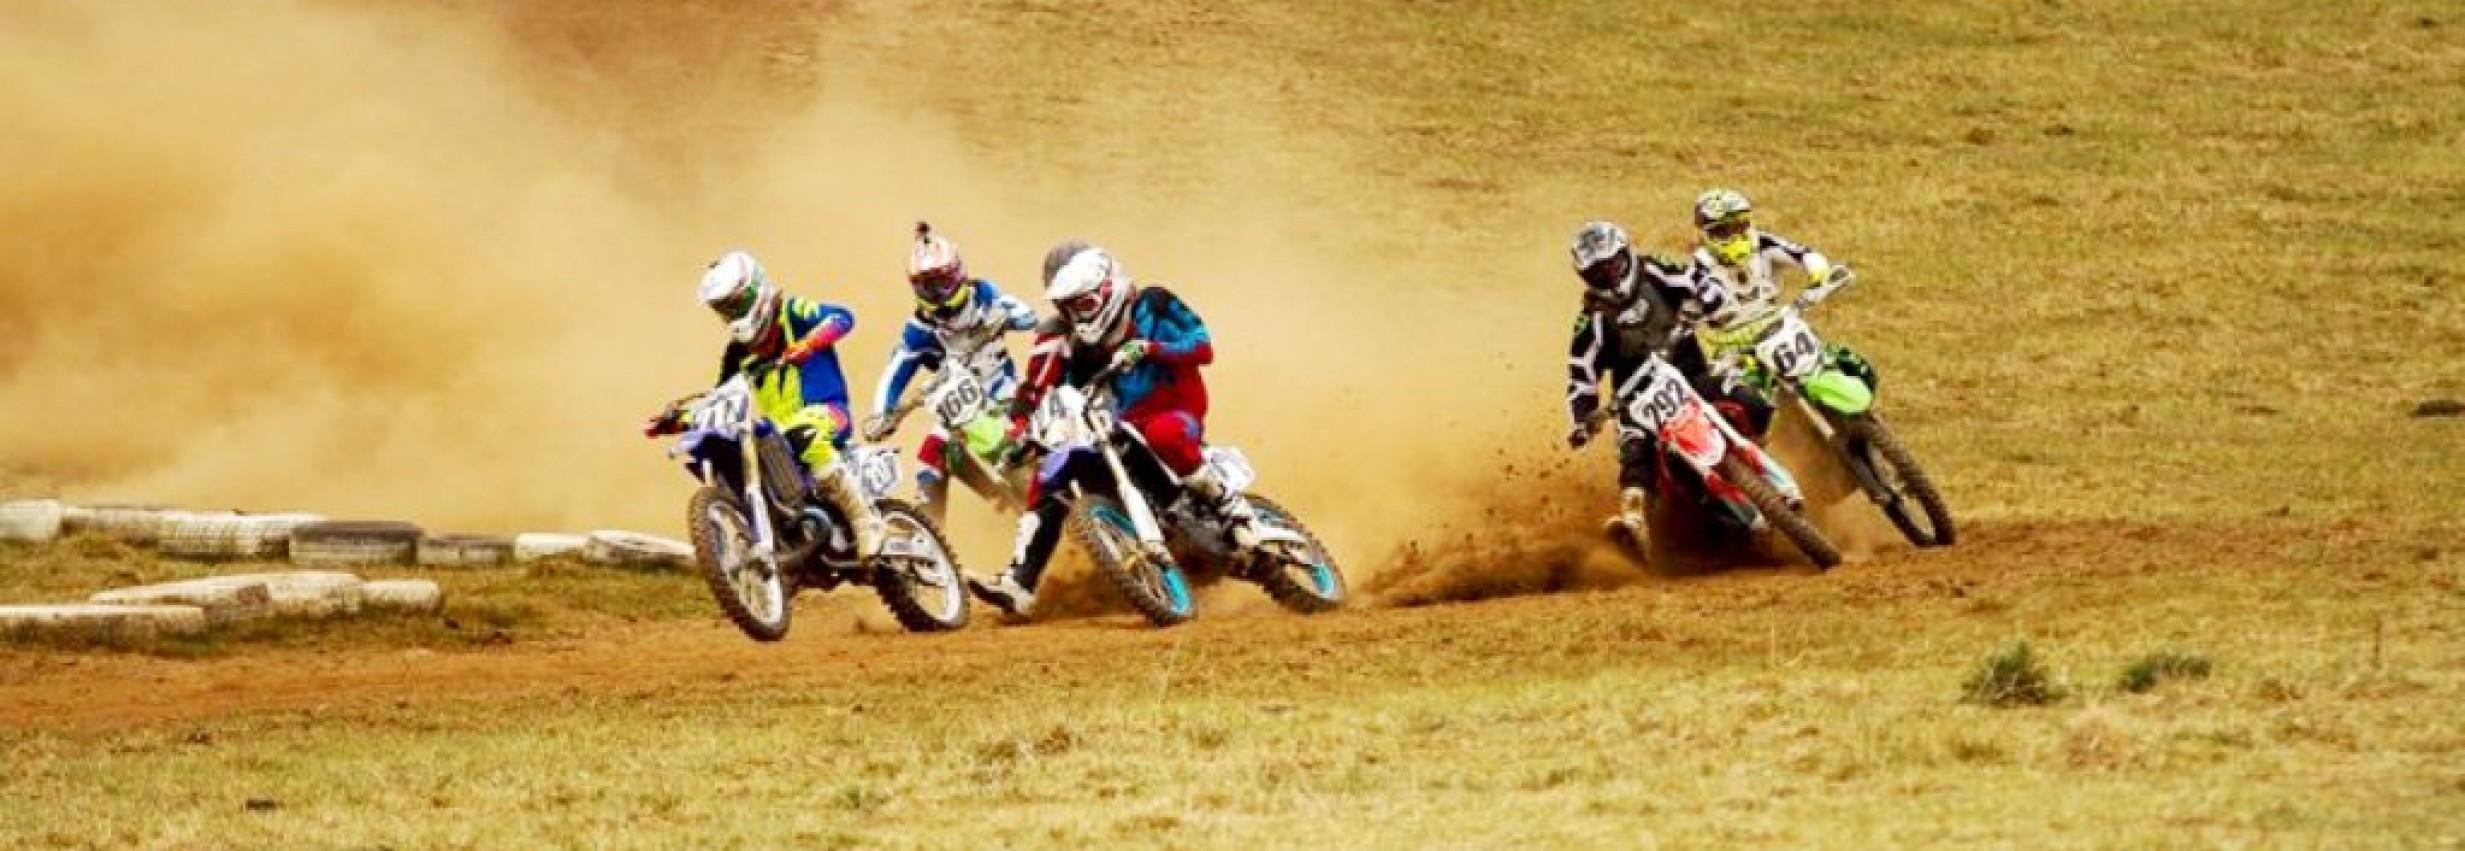 Armidale Motorcycle Club